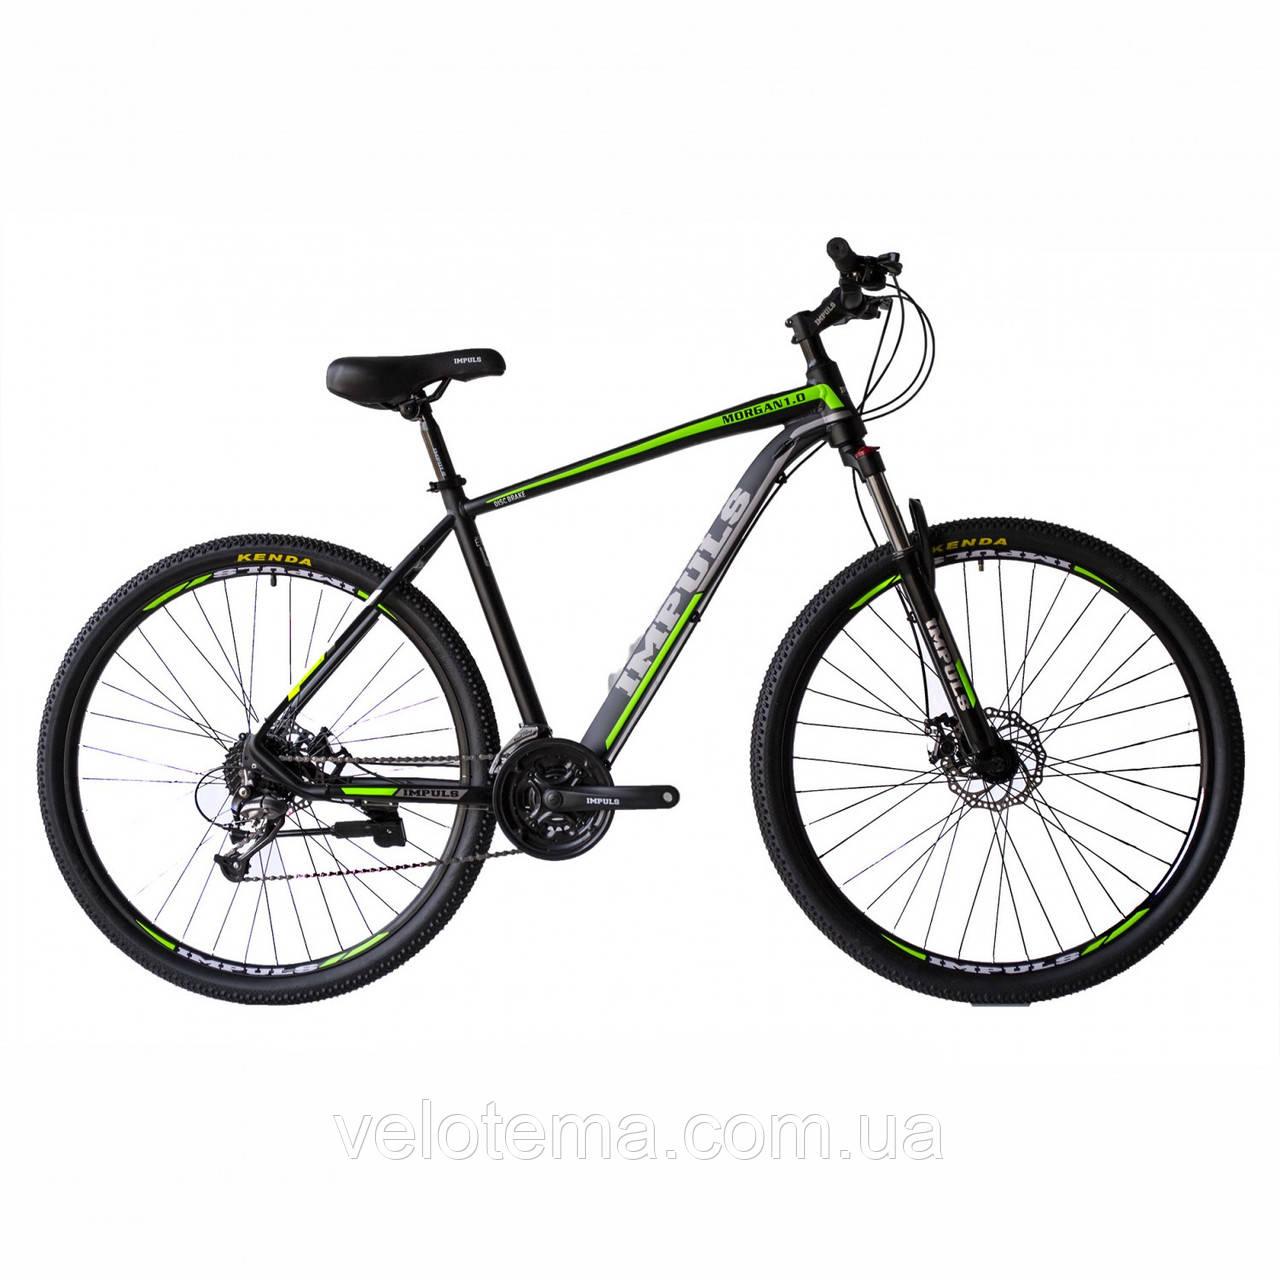 """Велосипед IMPULS MORGAN 29"""" 1,0 черно-салатовый Рама 20"""" 2020г"""